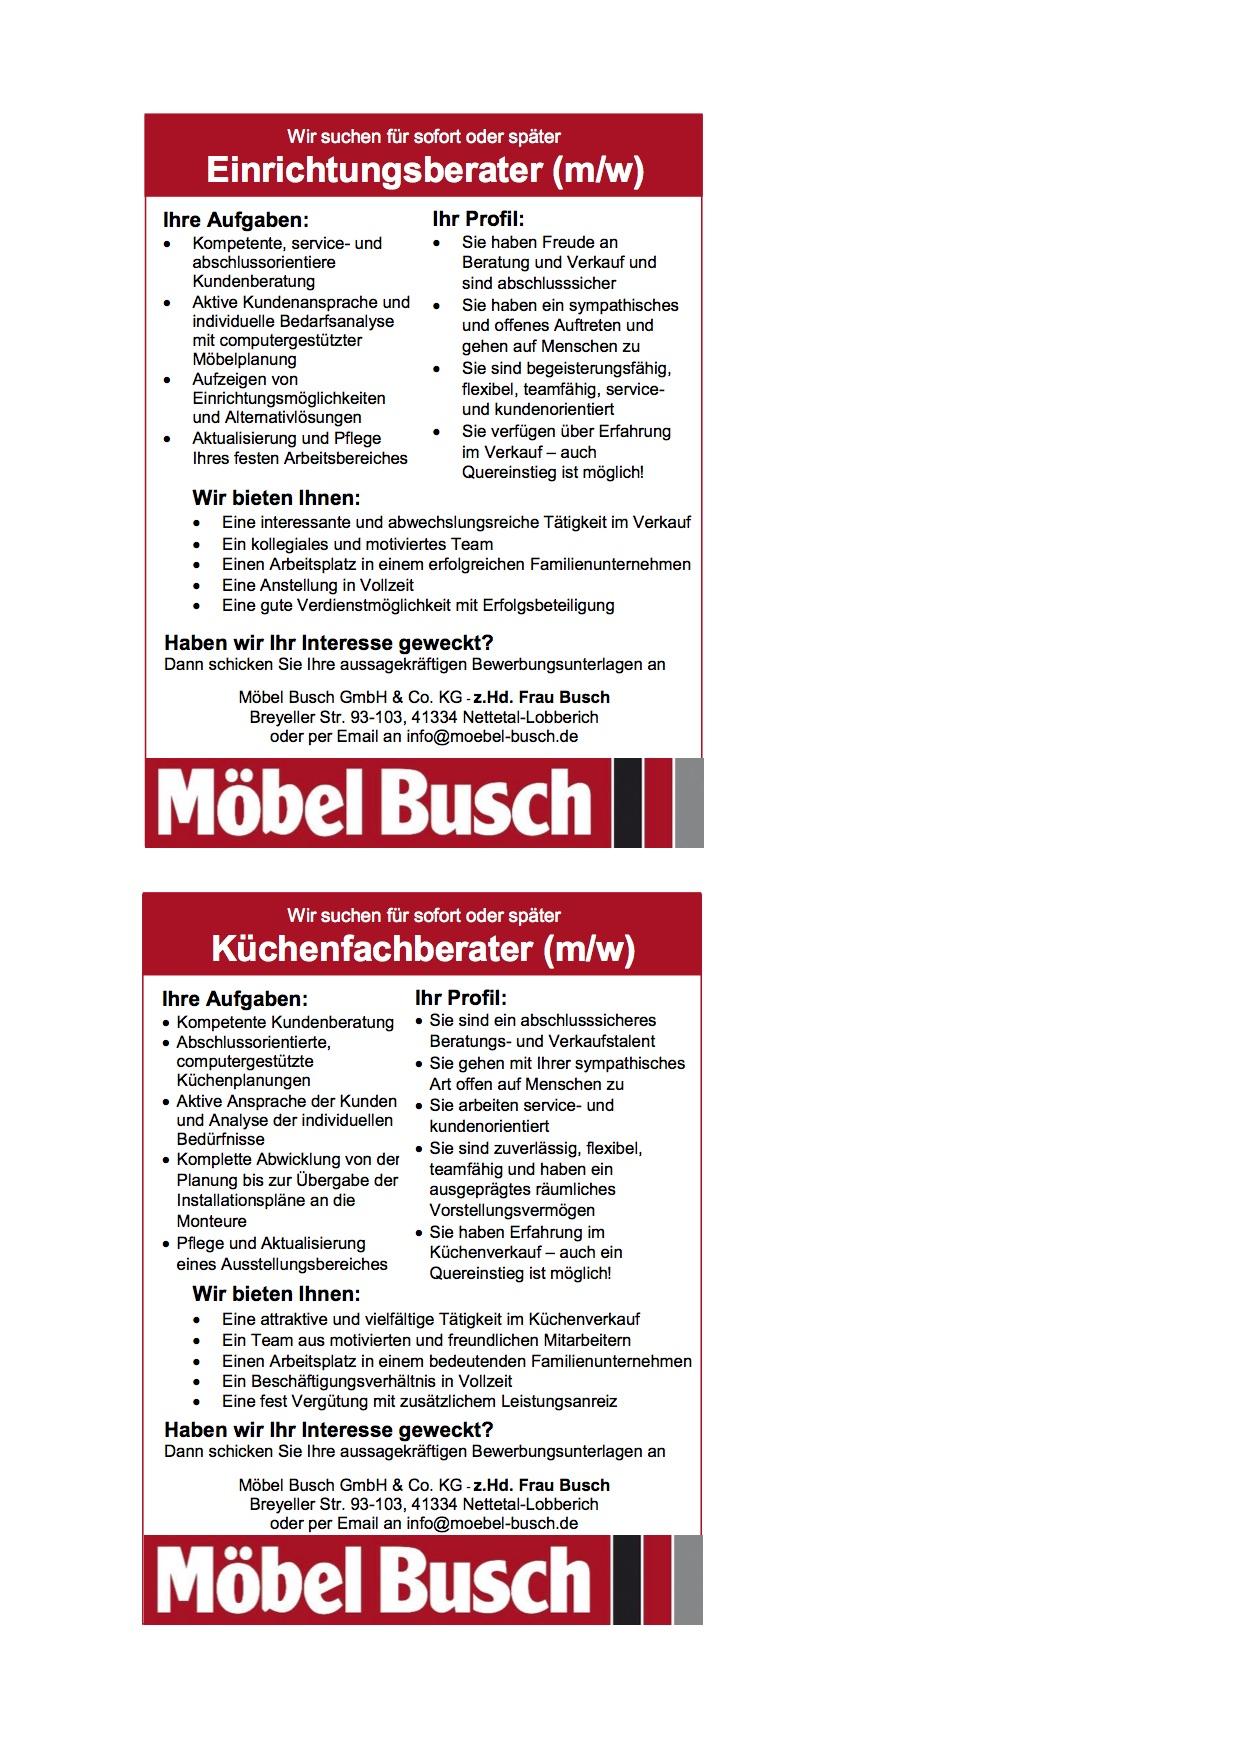 Einrichtungsberater Und Kuchenfachberater M W Mobel Busch Mofa